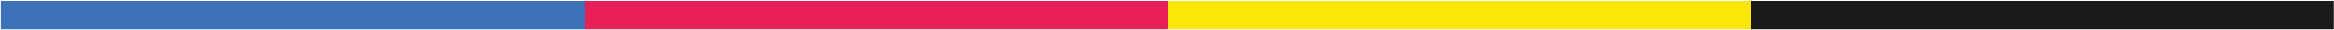 Facturi personalizate Brasov - Europaper Brasov Centru Print